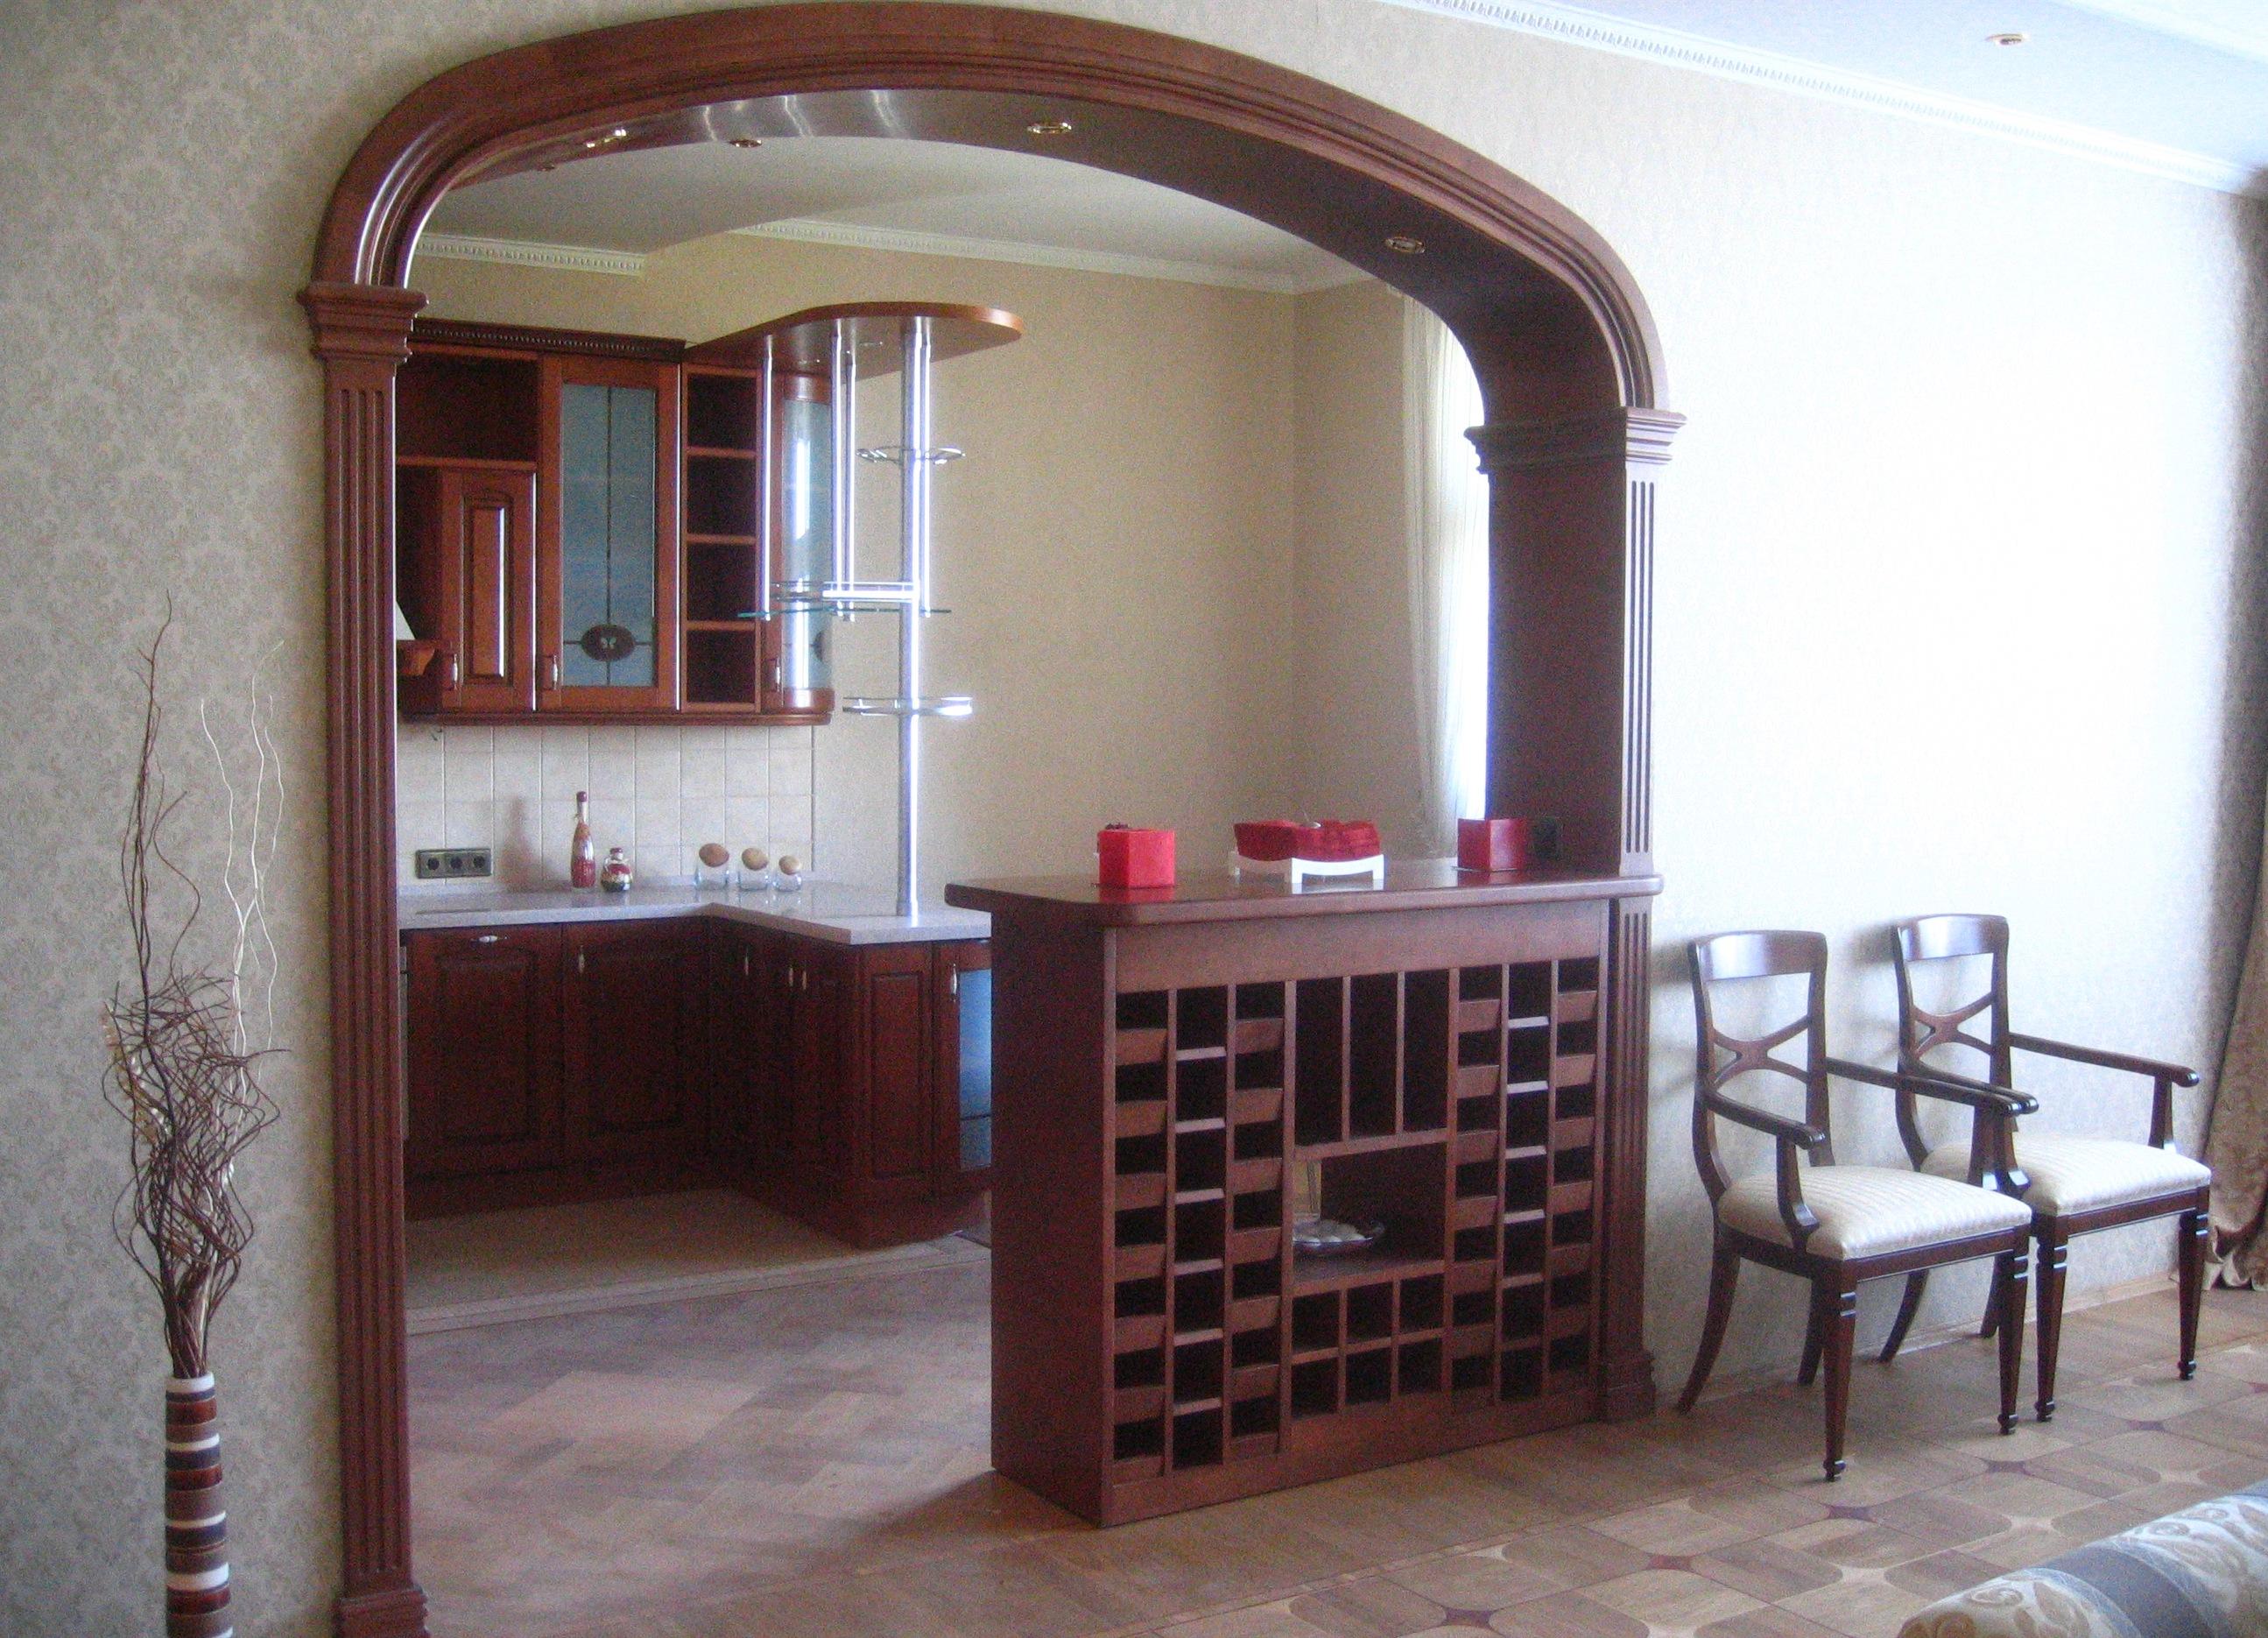 Объединение комнаты и лоджии арки, барные стойки